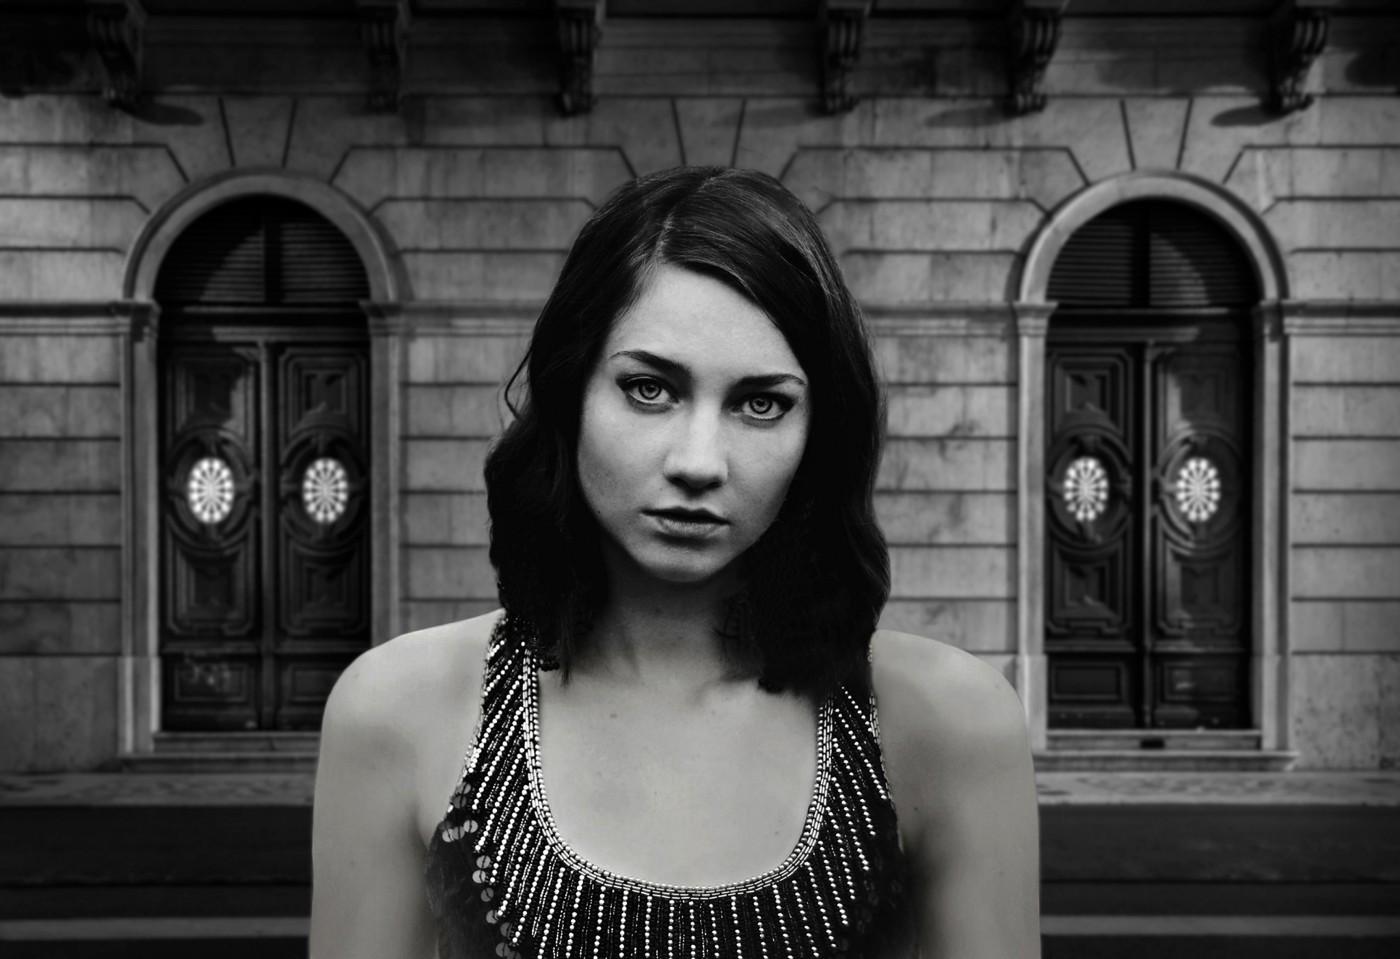 Lissabon girl 2